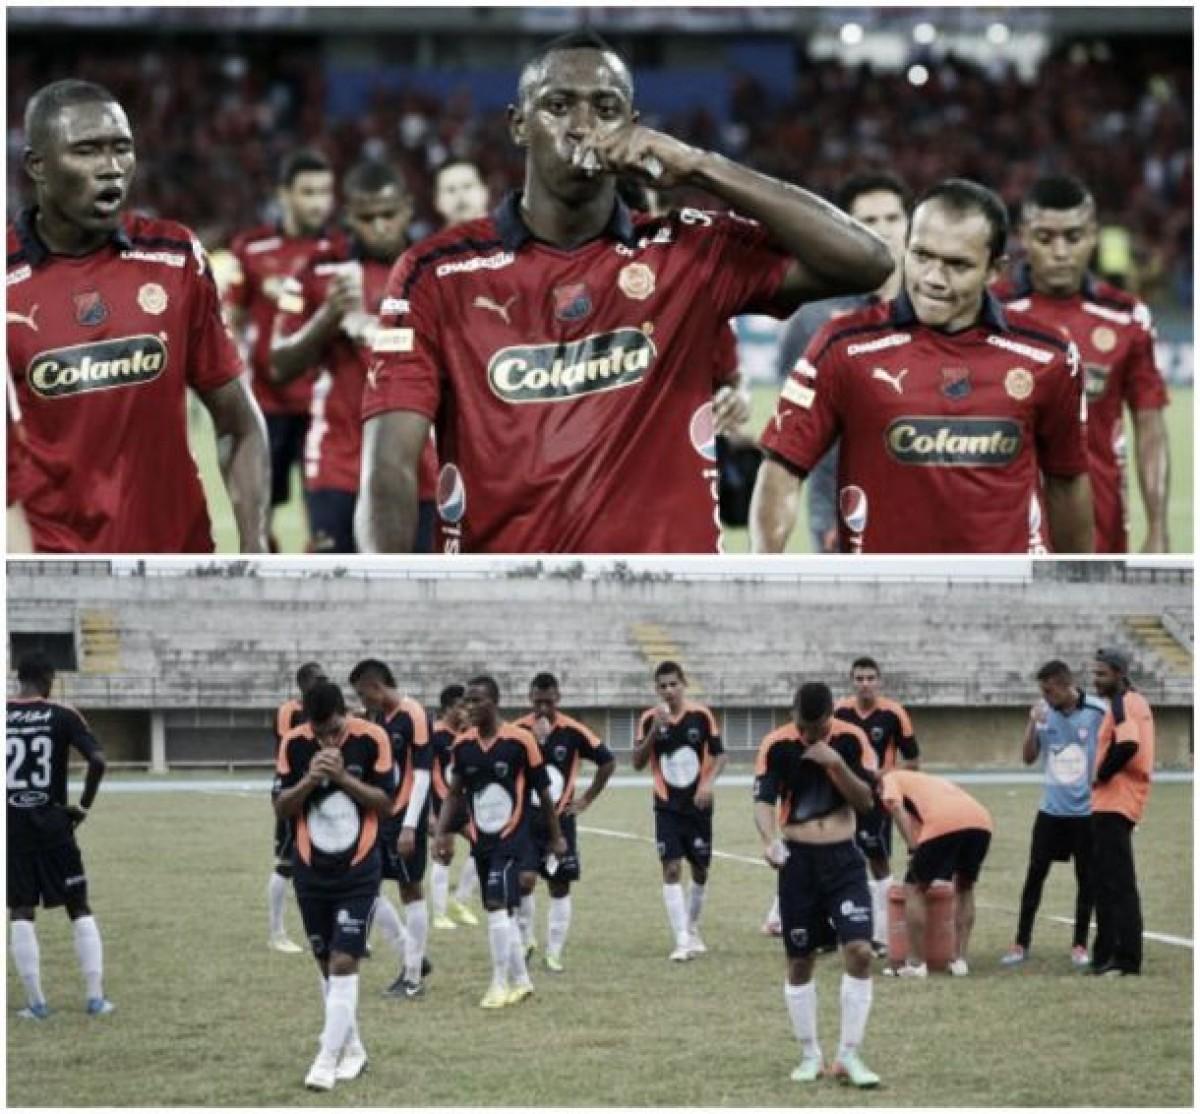 EN VIVO: Leones vs Independientes Medellín, lunes 19 de marzo, Liga Águila